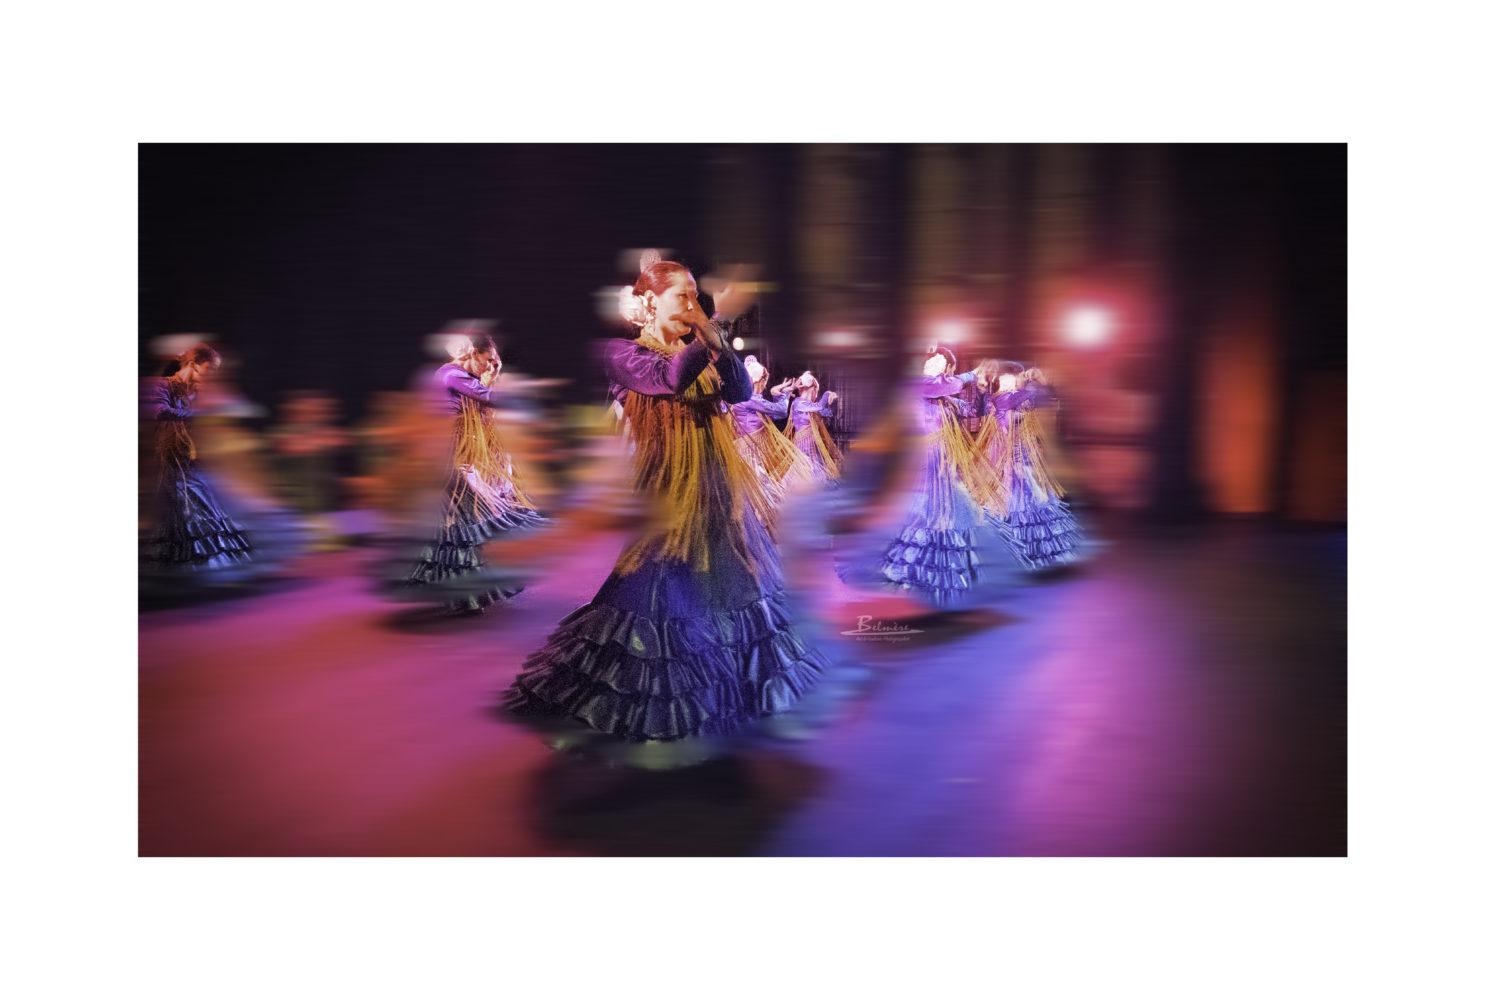 Atelier de Flamenco by Jean-Victor Belmère Photographe d'Art